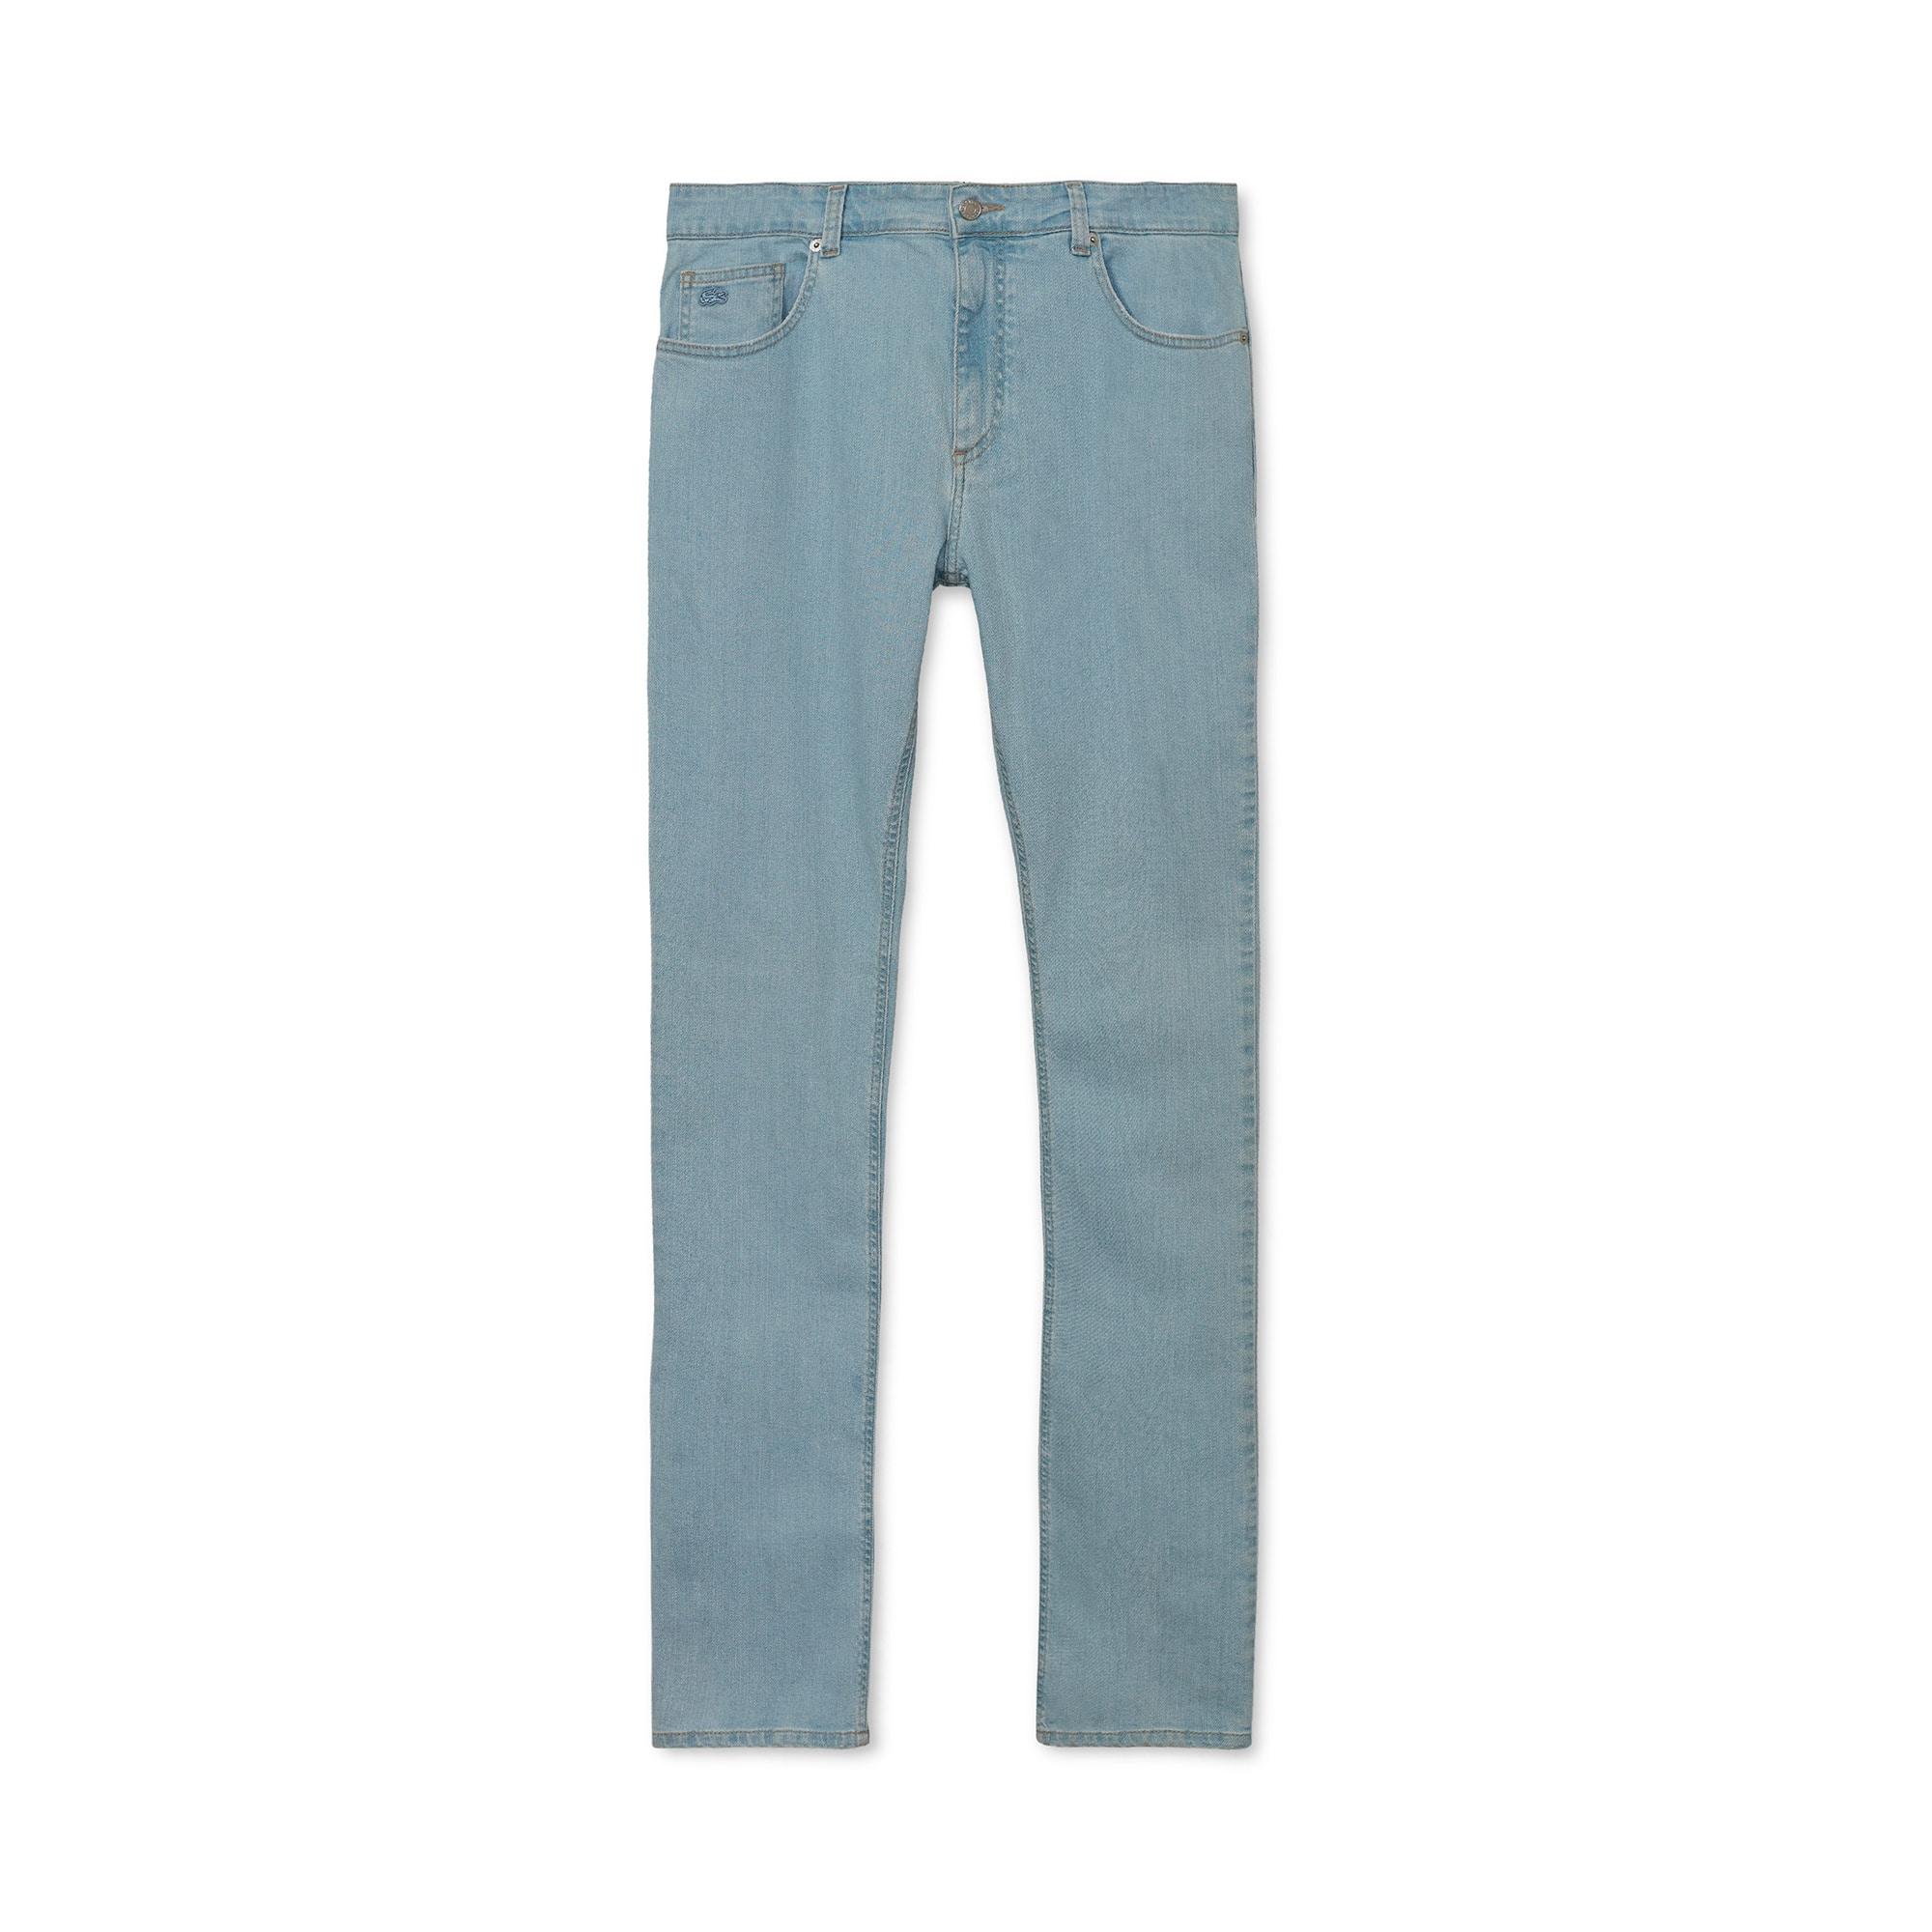 a03f854d7d663 Calça Lacoste masculina straight fit com 5 bolsos